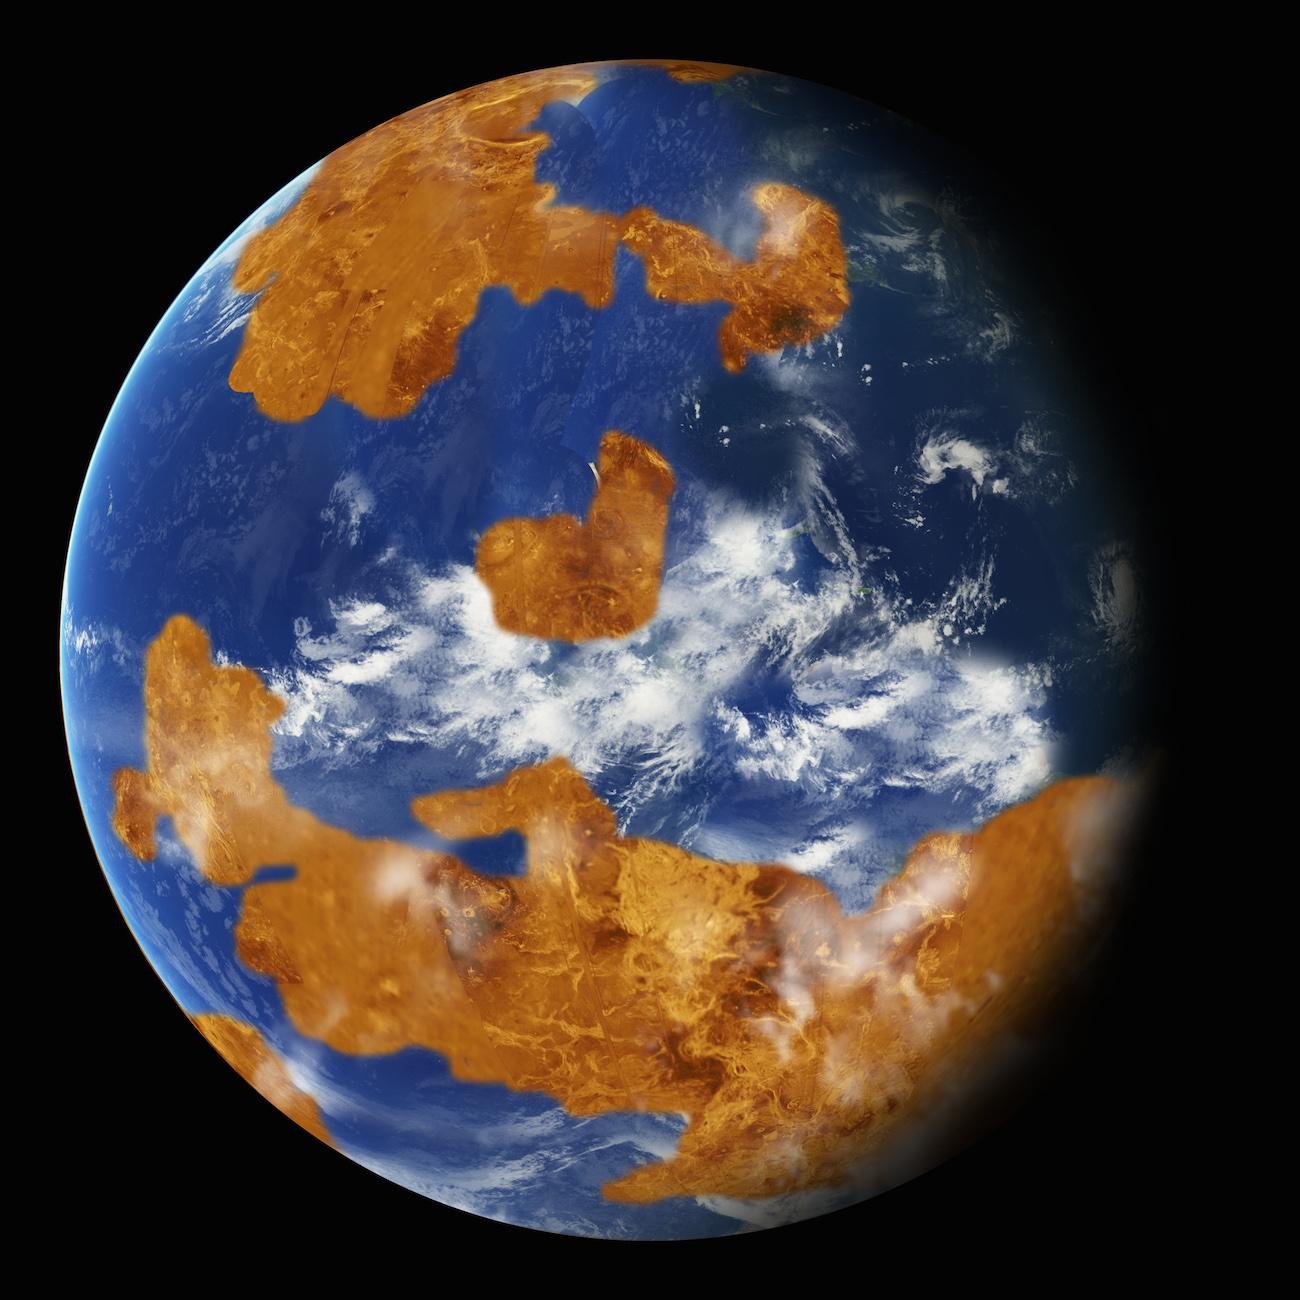 Venus pudo haber sido habitable en un pasado distante